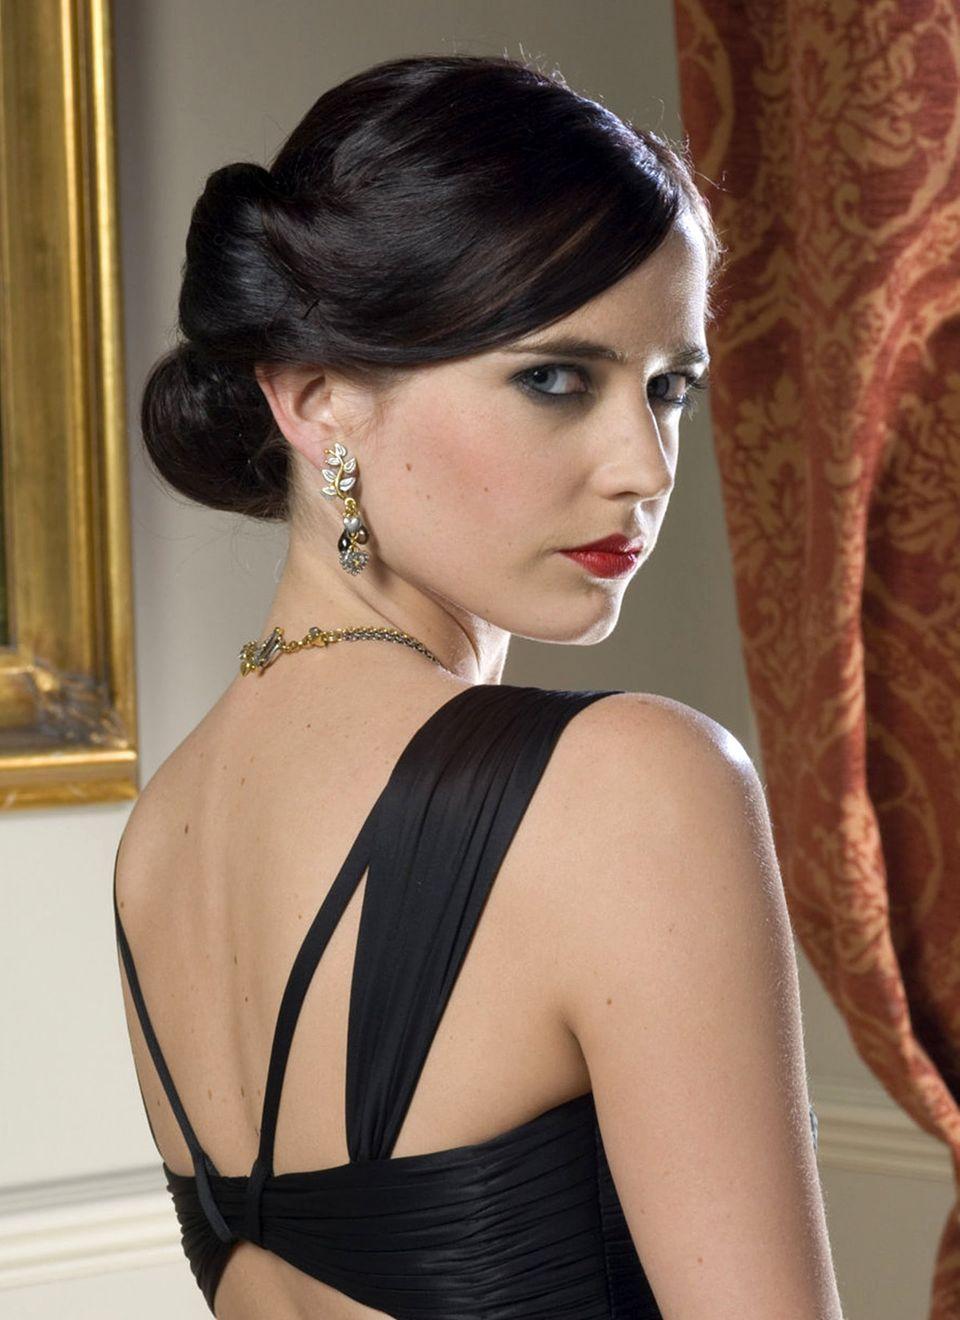 """Eva Green alias """"Vesper Lynd"""" verführte 2006 Daniel Craig, der sein Debüt als James Bond in """"Casino Royale"""" gab, mit einer aufwendigen Hochsteckfrisur mit klassischem Chignon."""